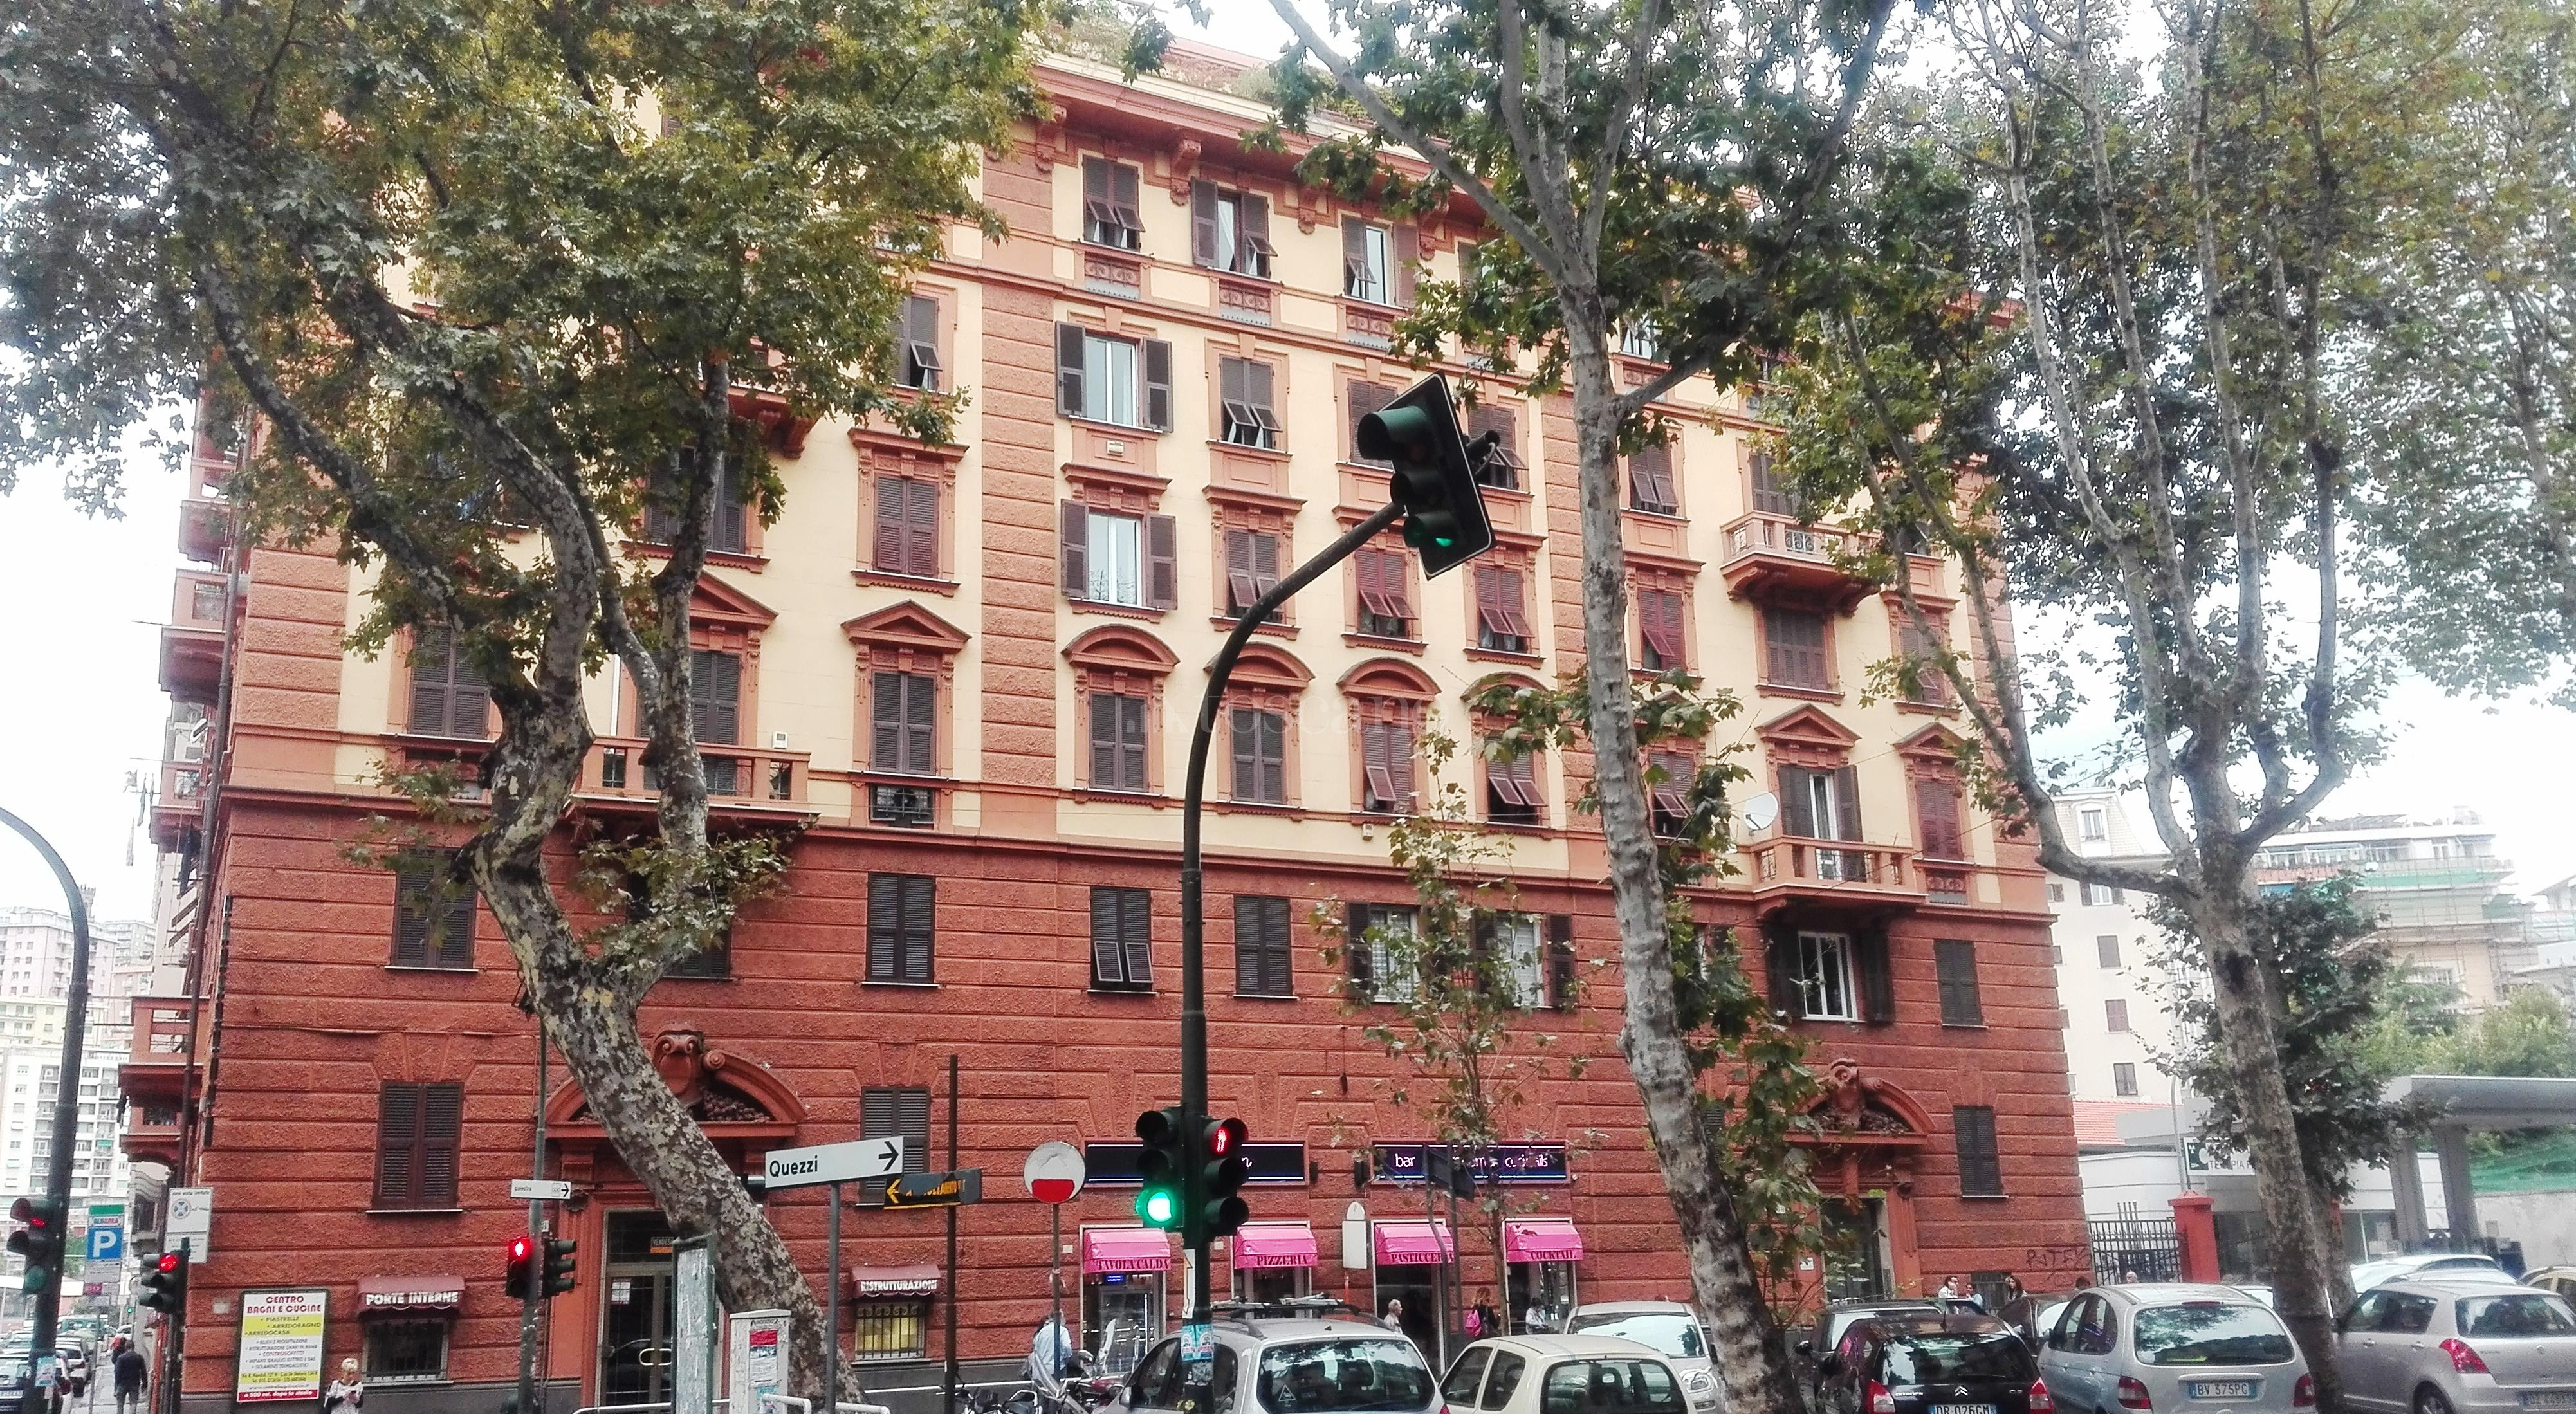 vendita Casa a Genova in Corso Sardegna, Marassi 61/2017 | Toscano